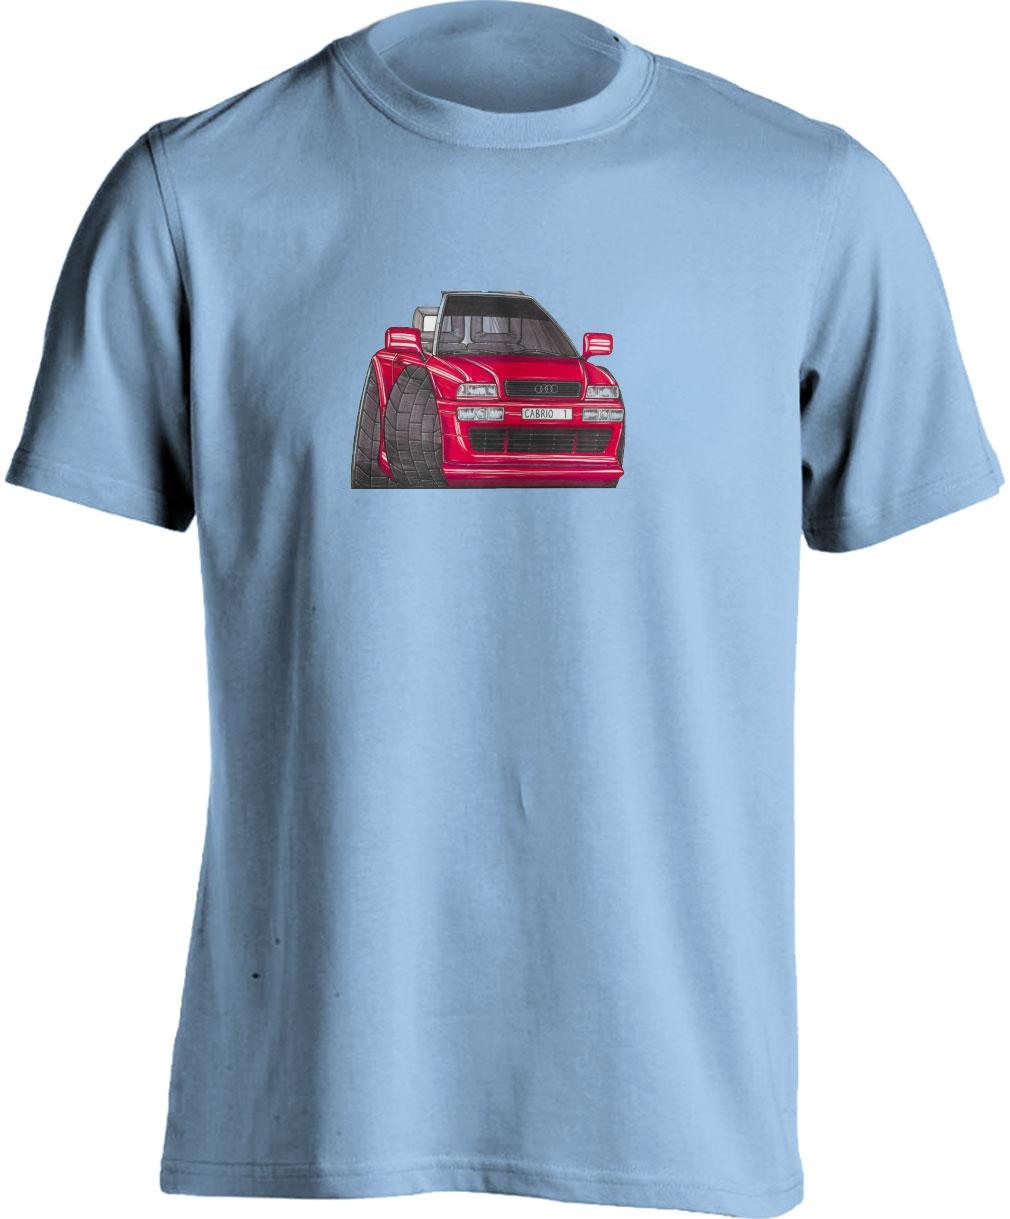 Adults Koolart Audi 80 Cabrio Red 0377 T Shirt